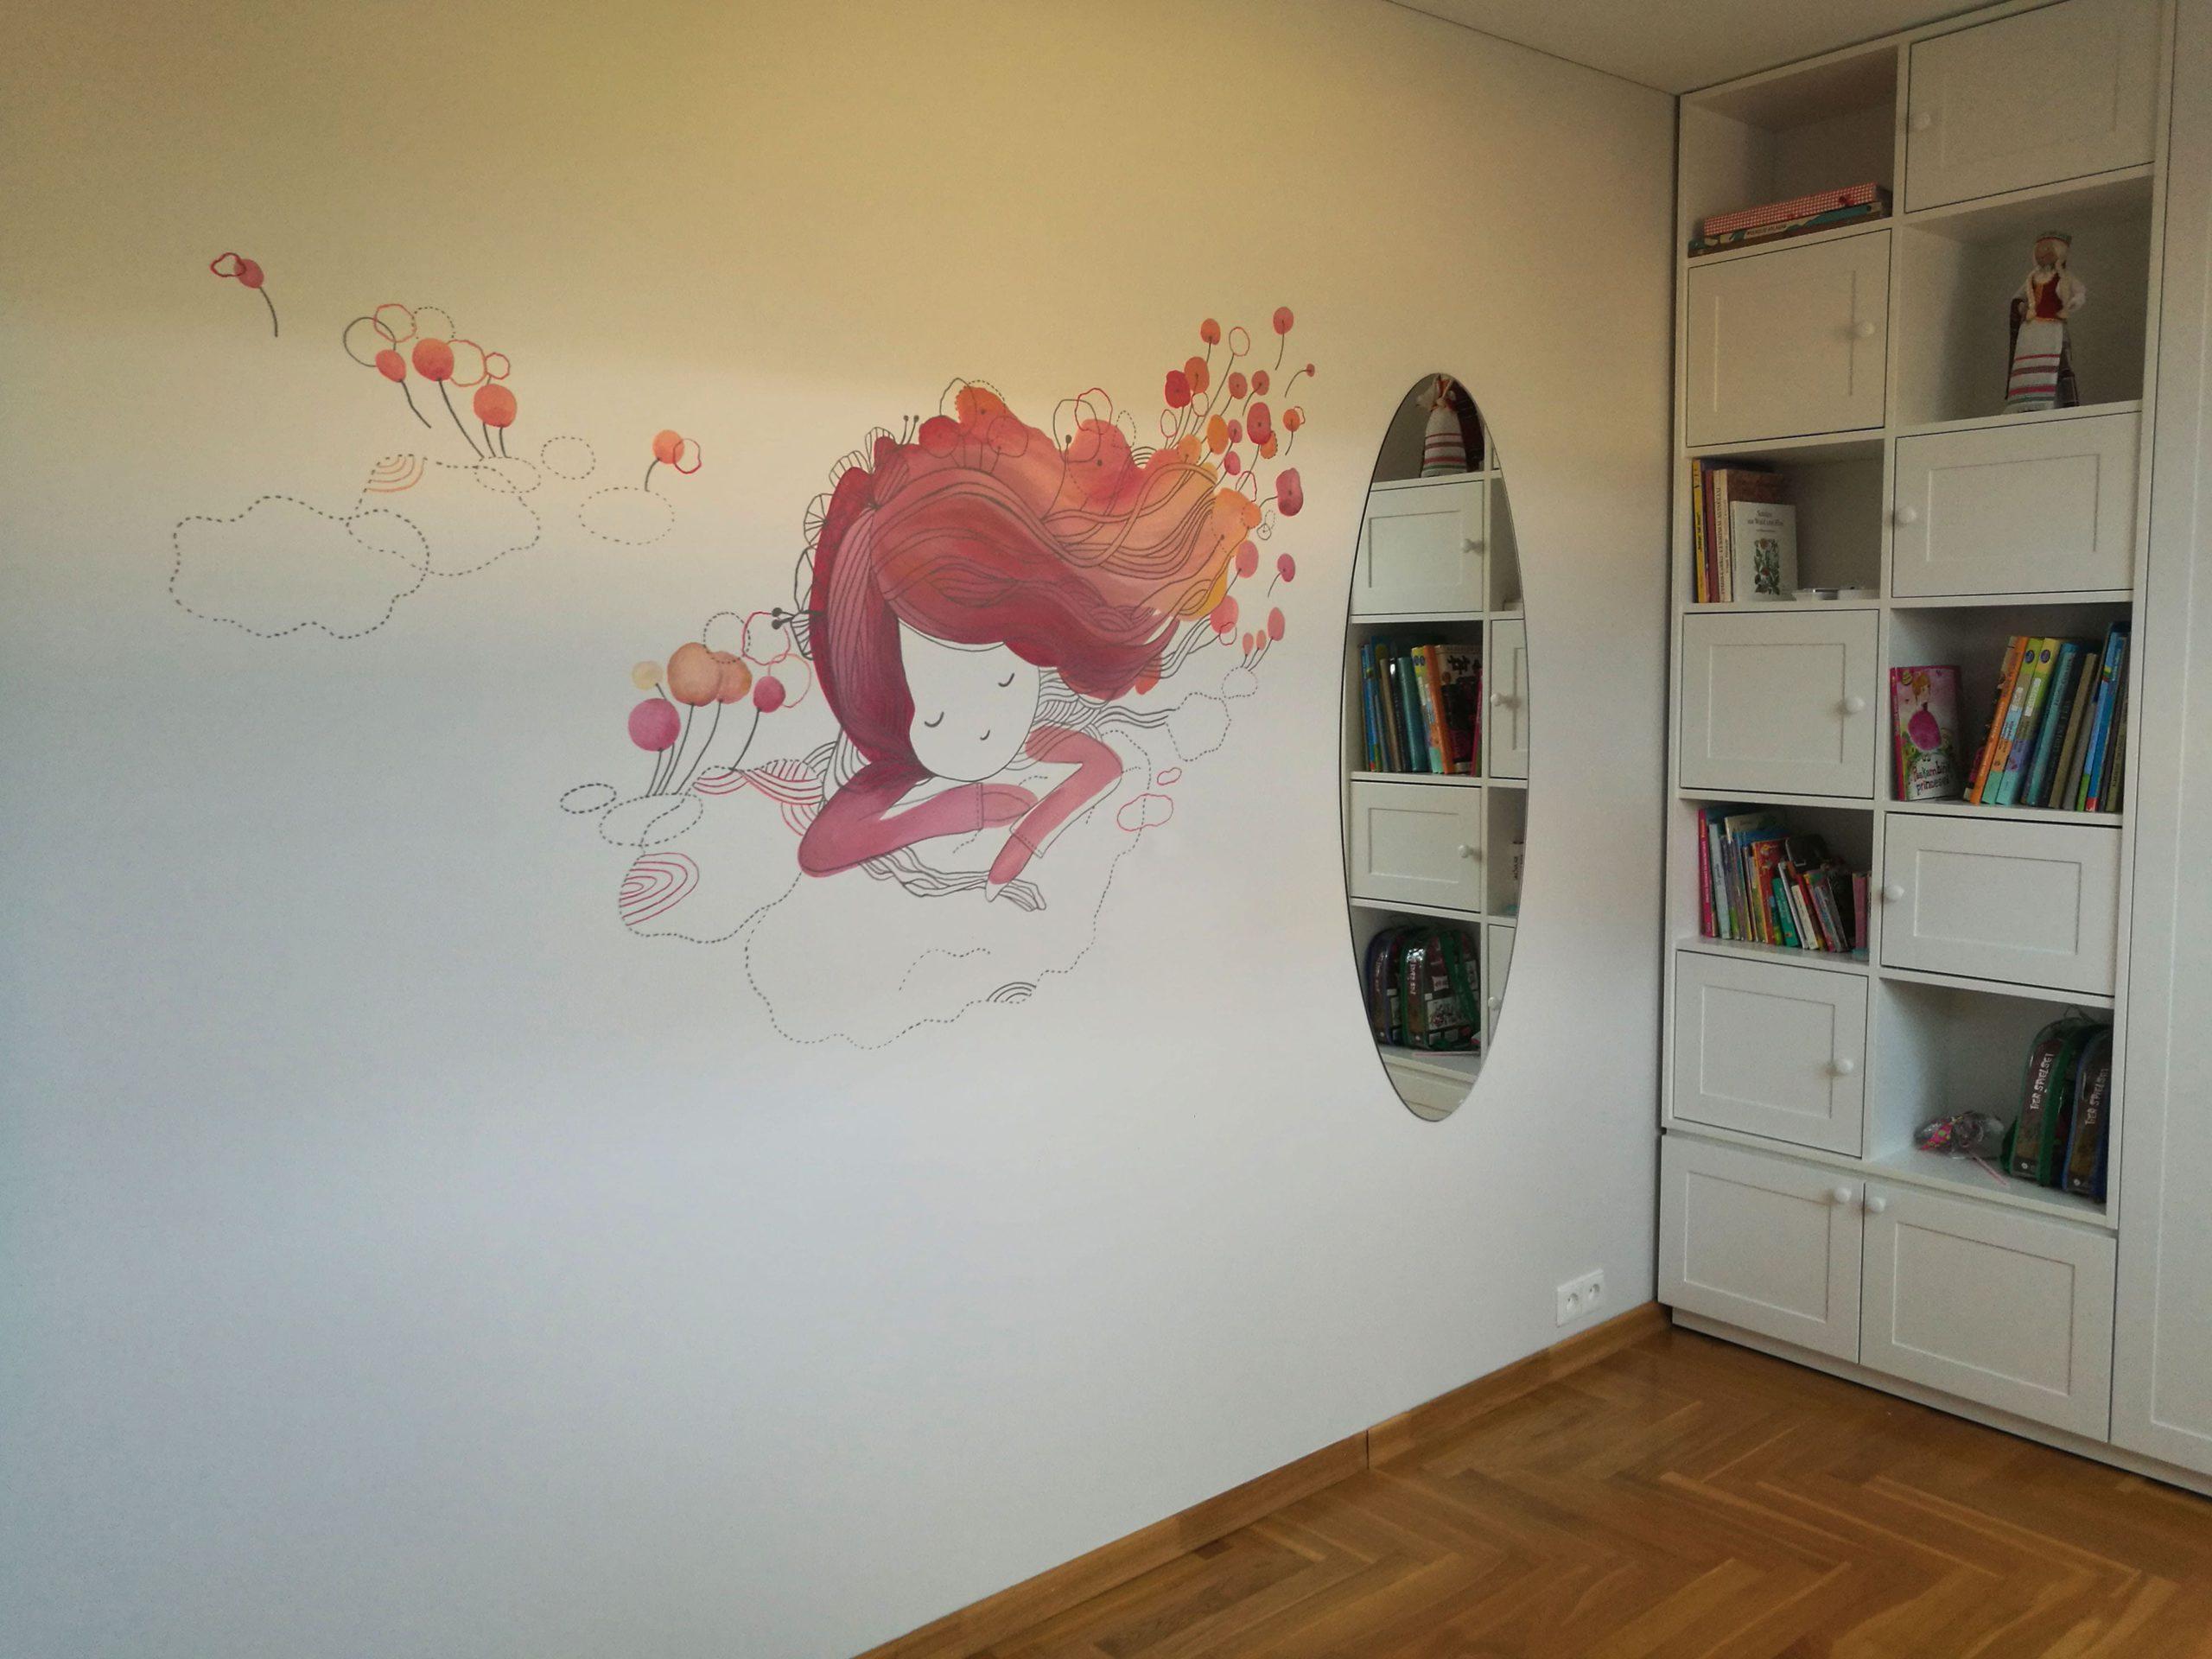 menine-kuryba-sienu-dekoravimas-vaiku-kambariai (17)